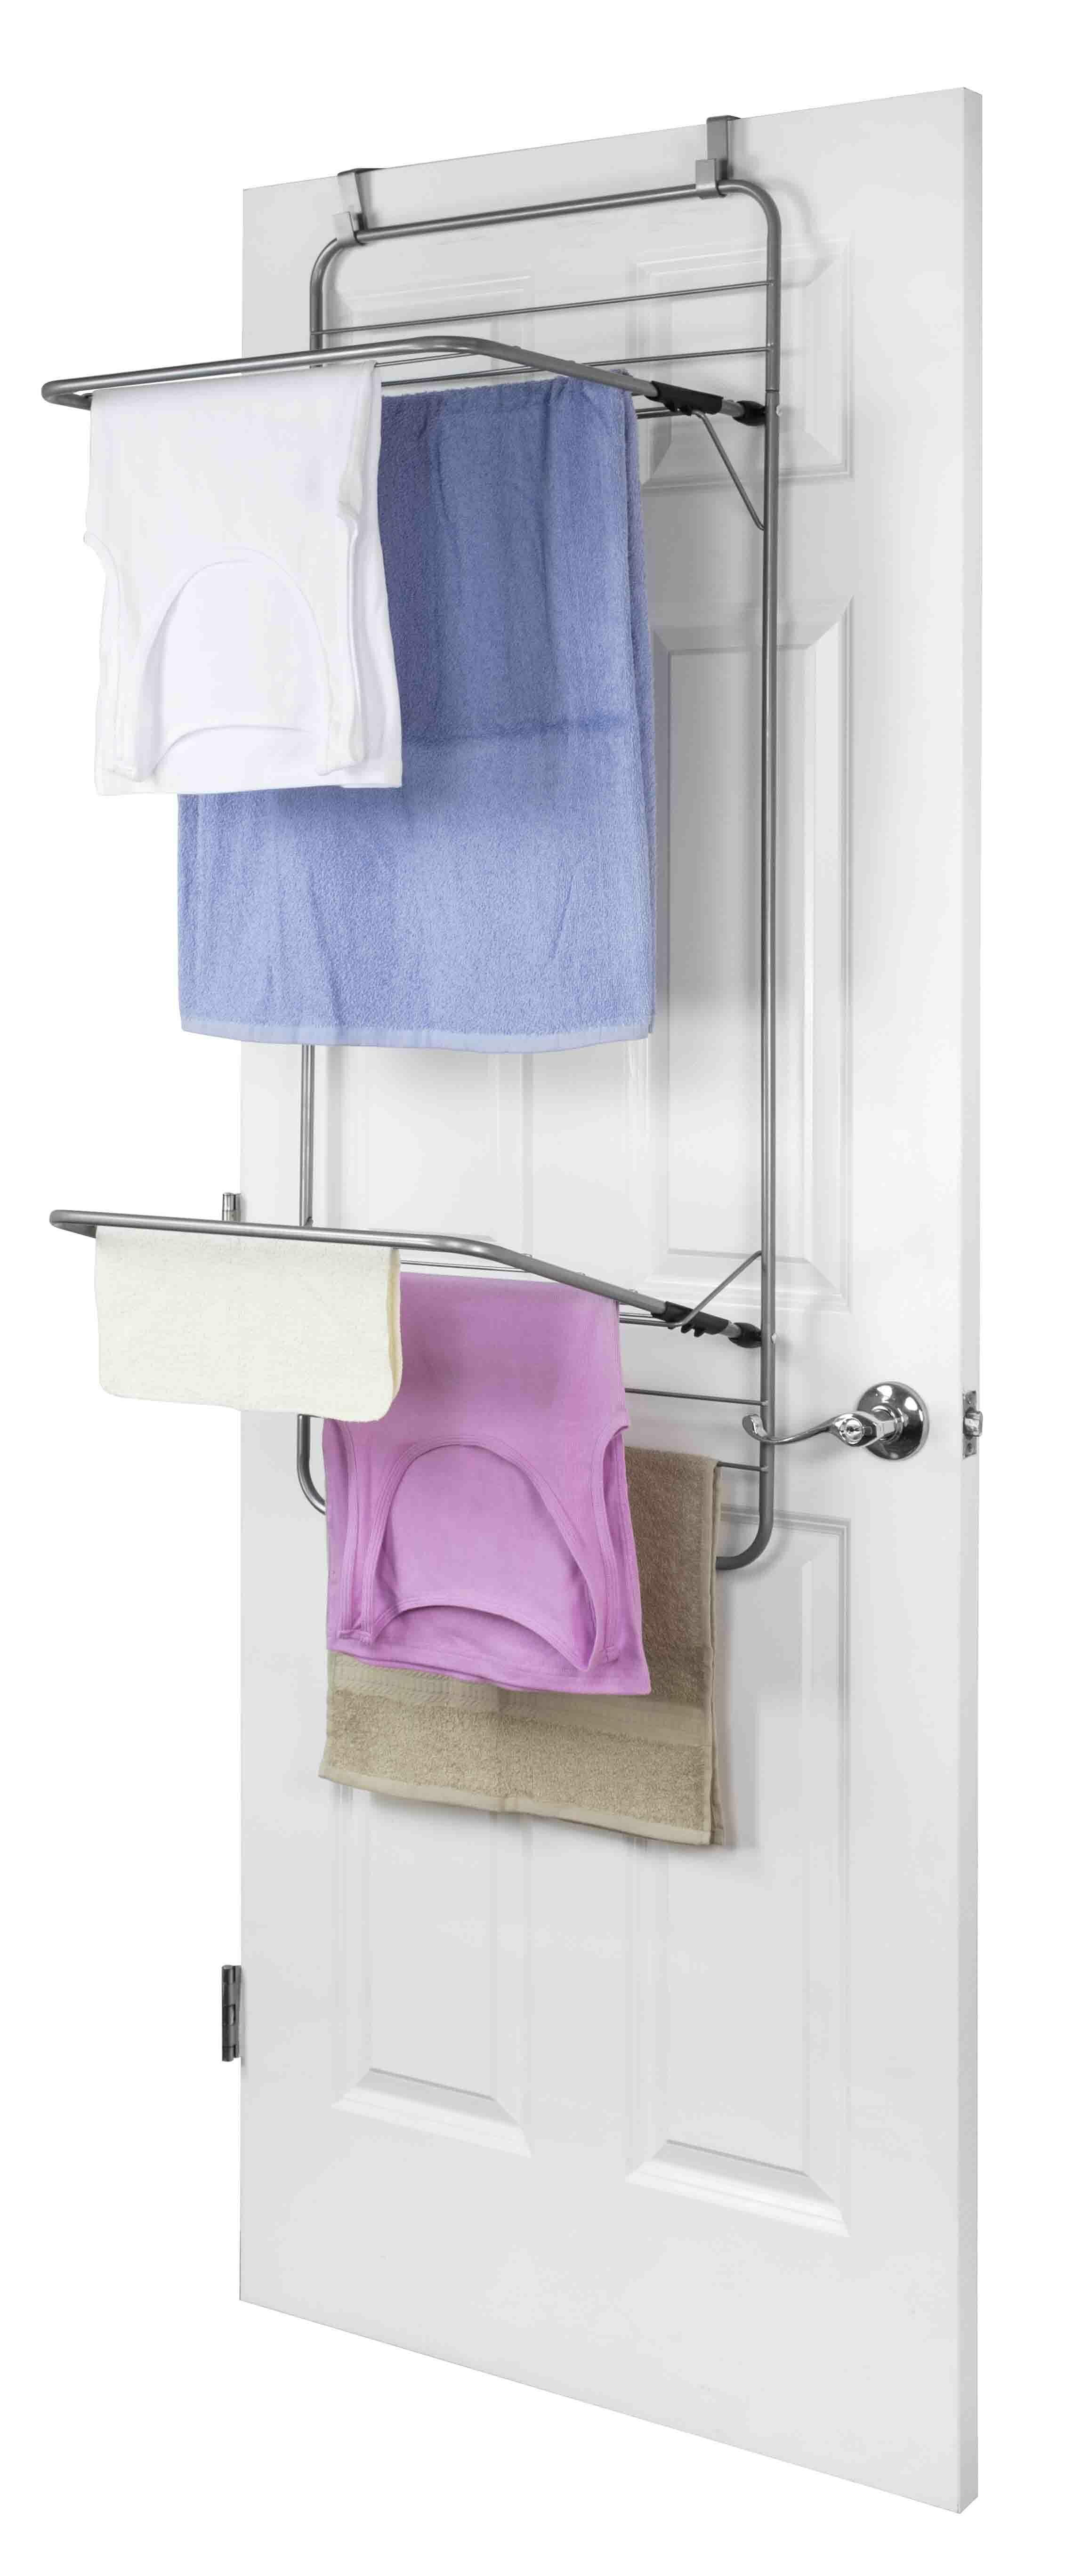 Porte Serviette À Suspendre porte-serviettes suspendu au-dessus de la porte